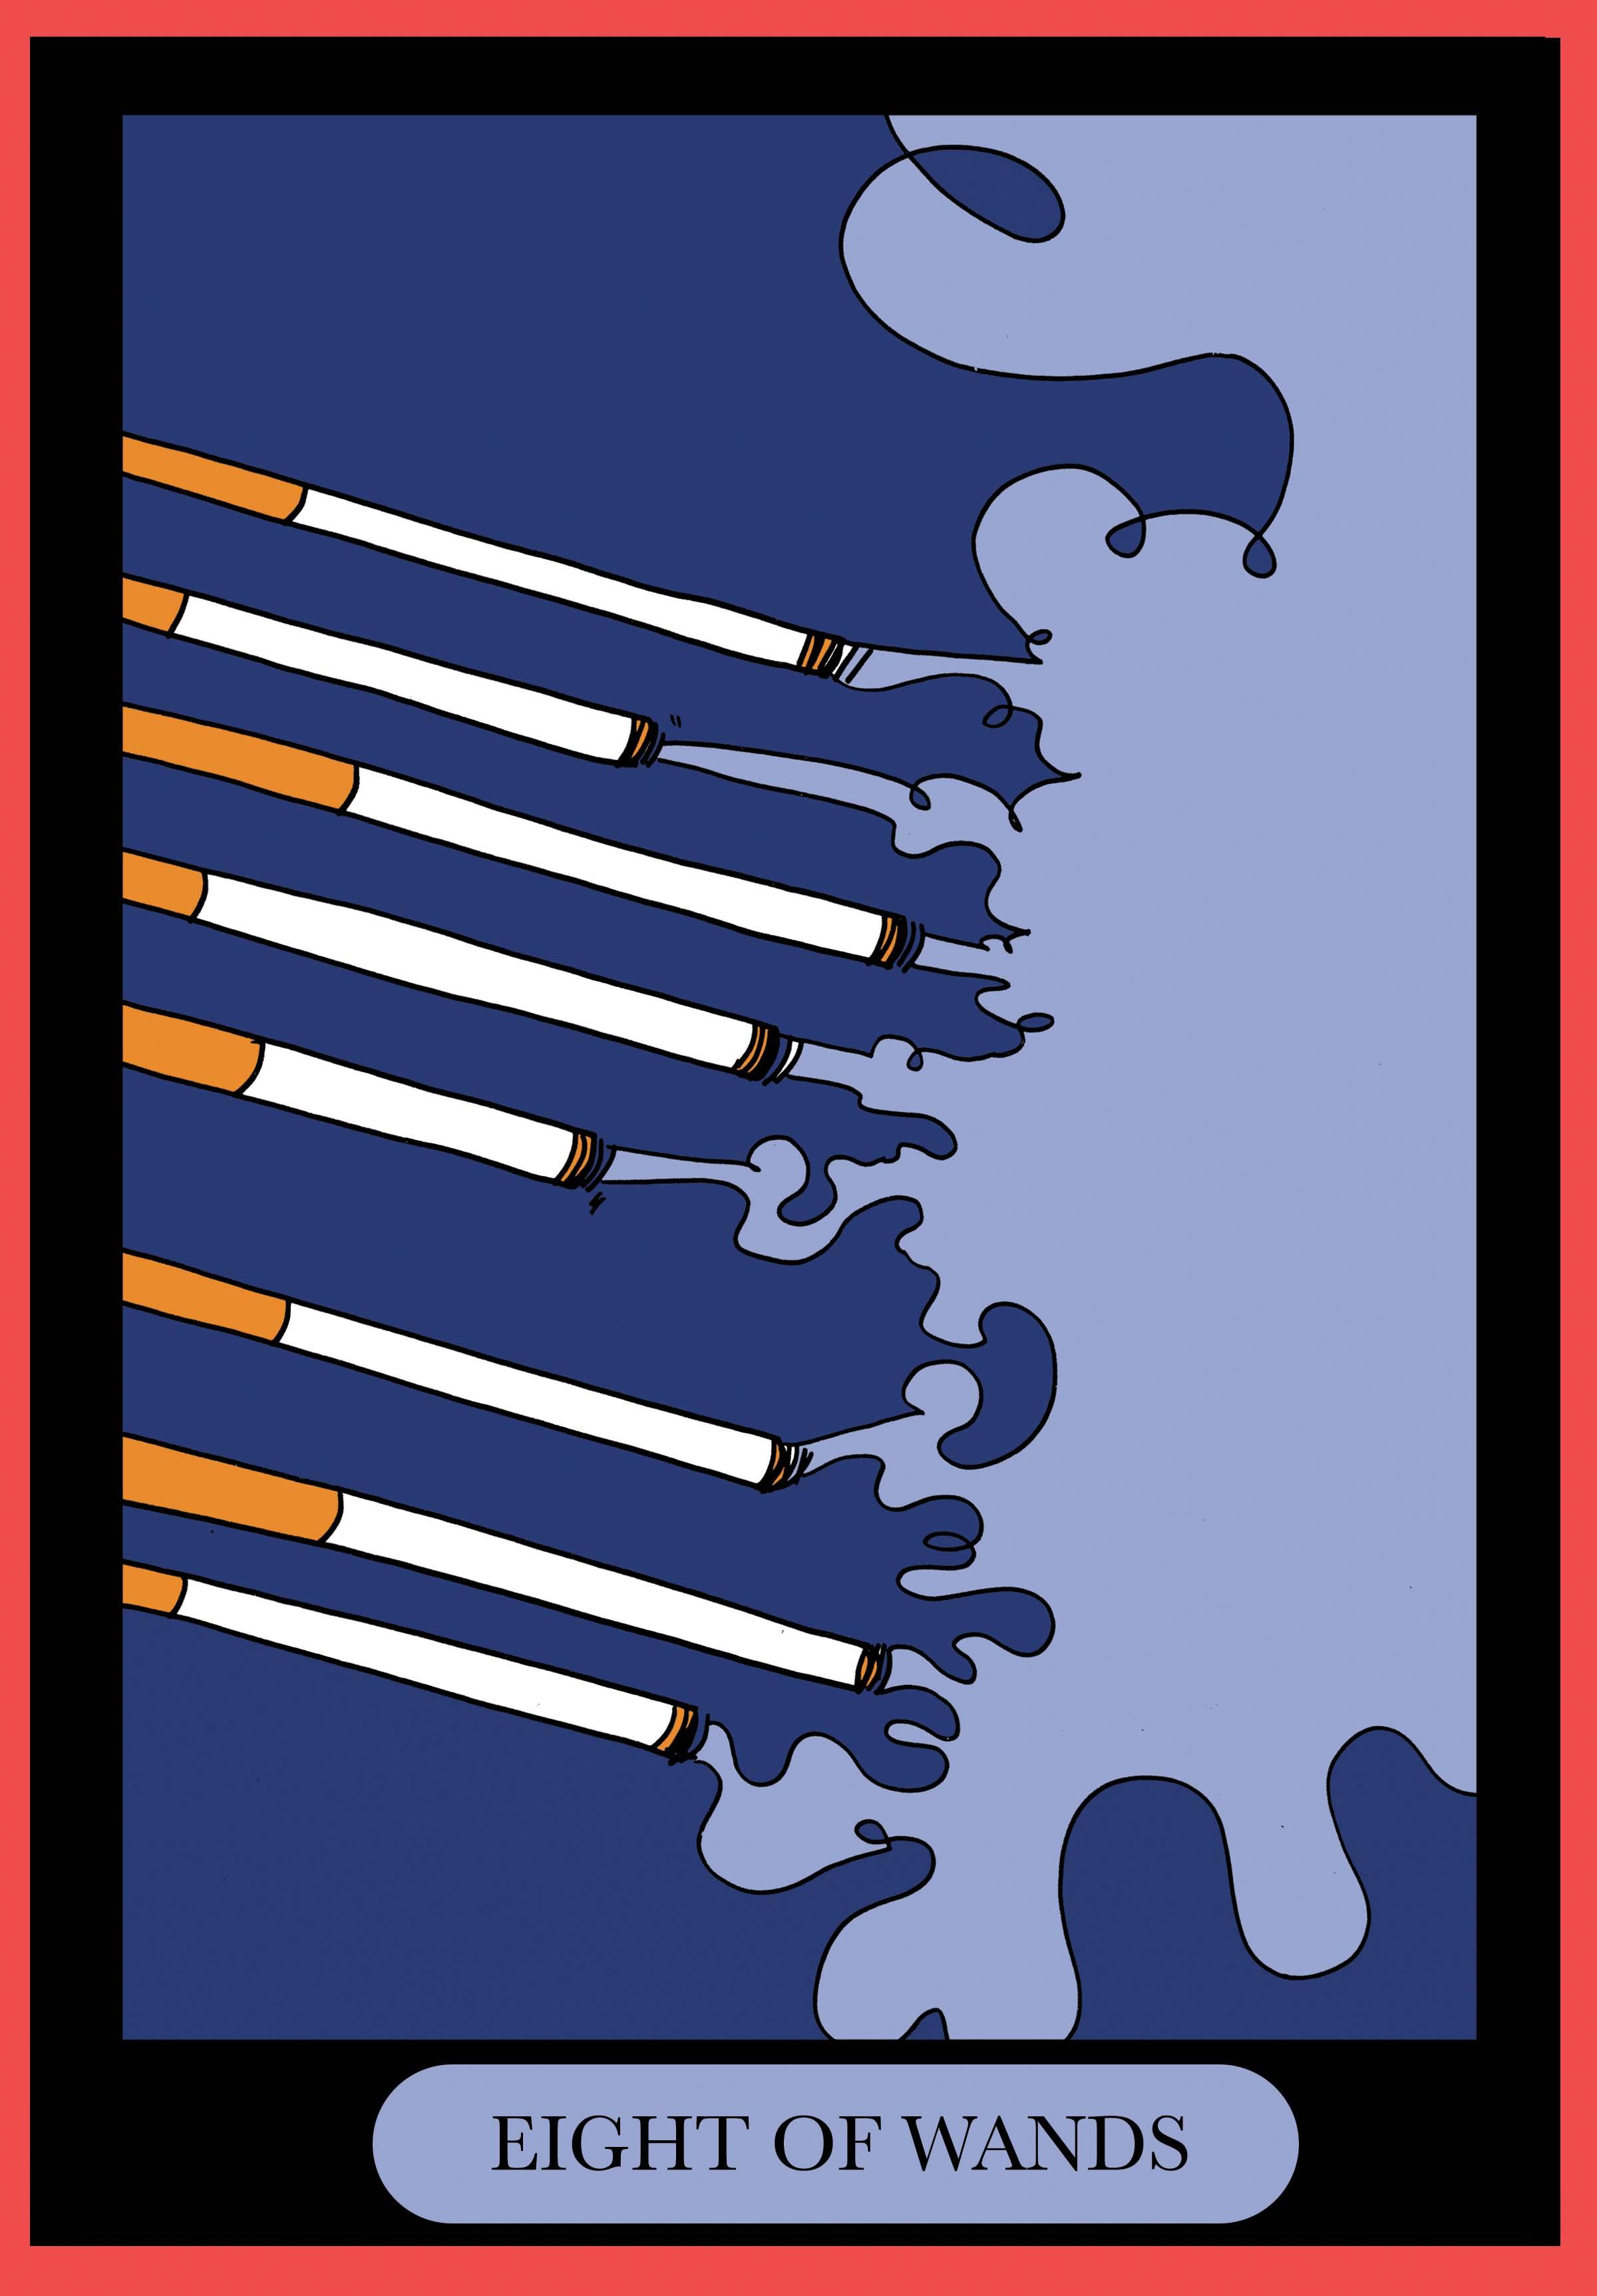 eight-wands.jpg